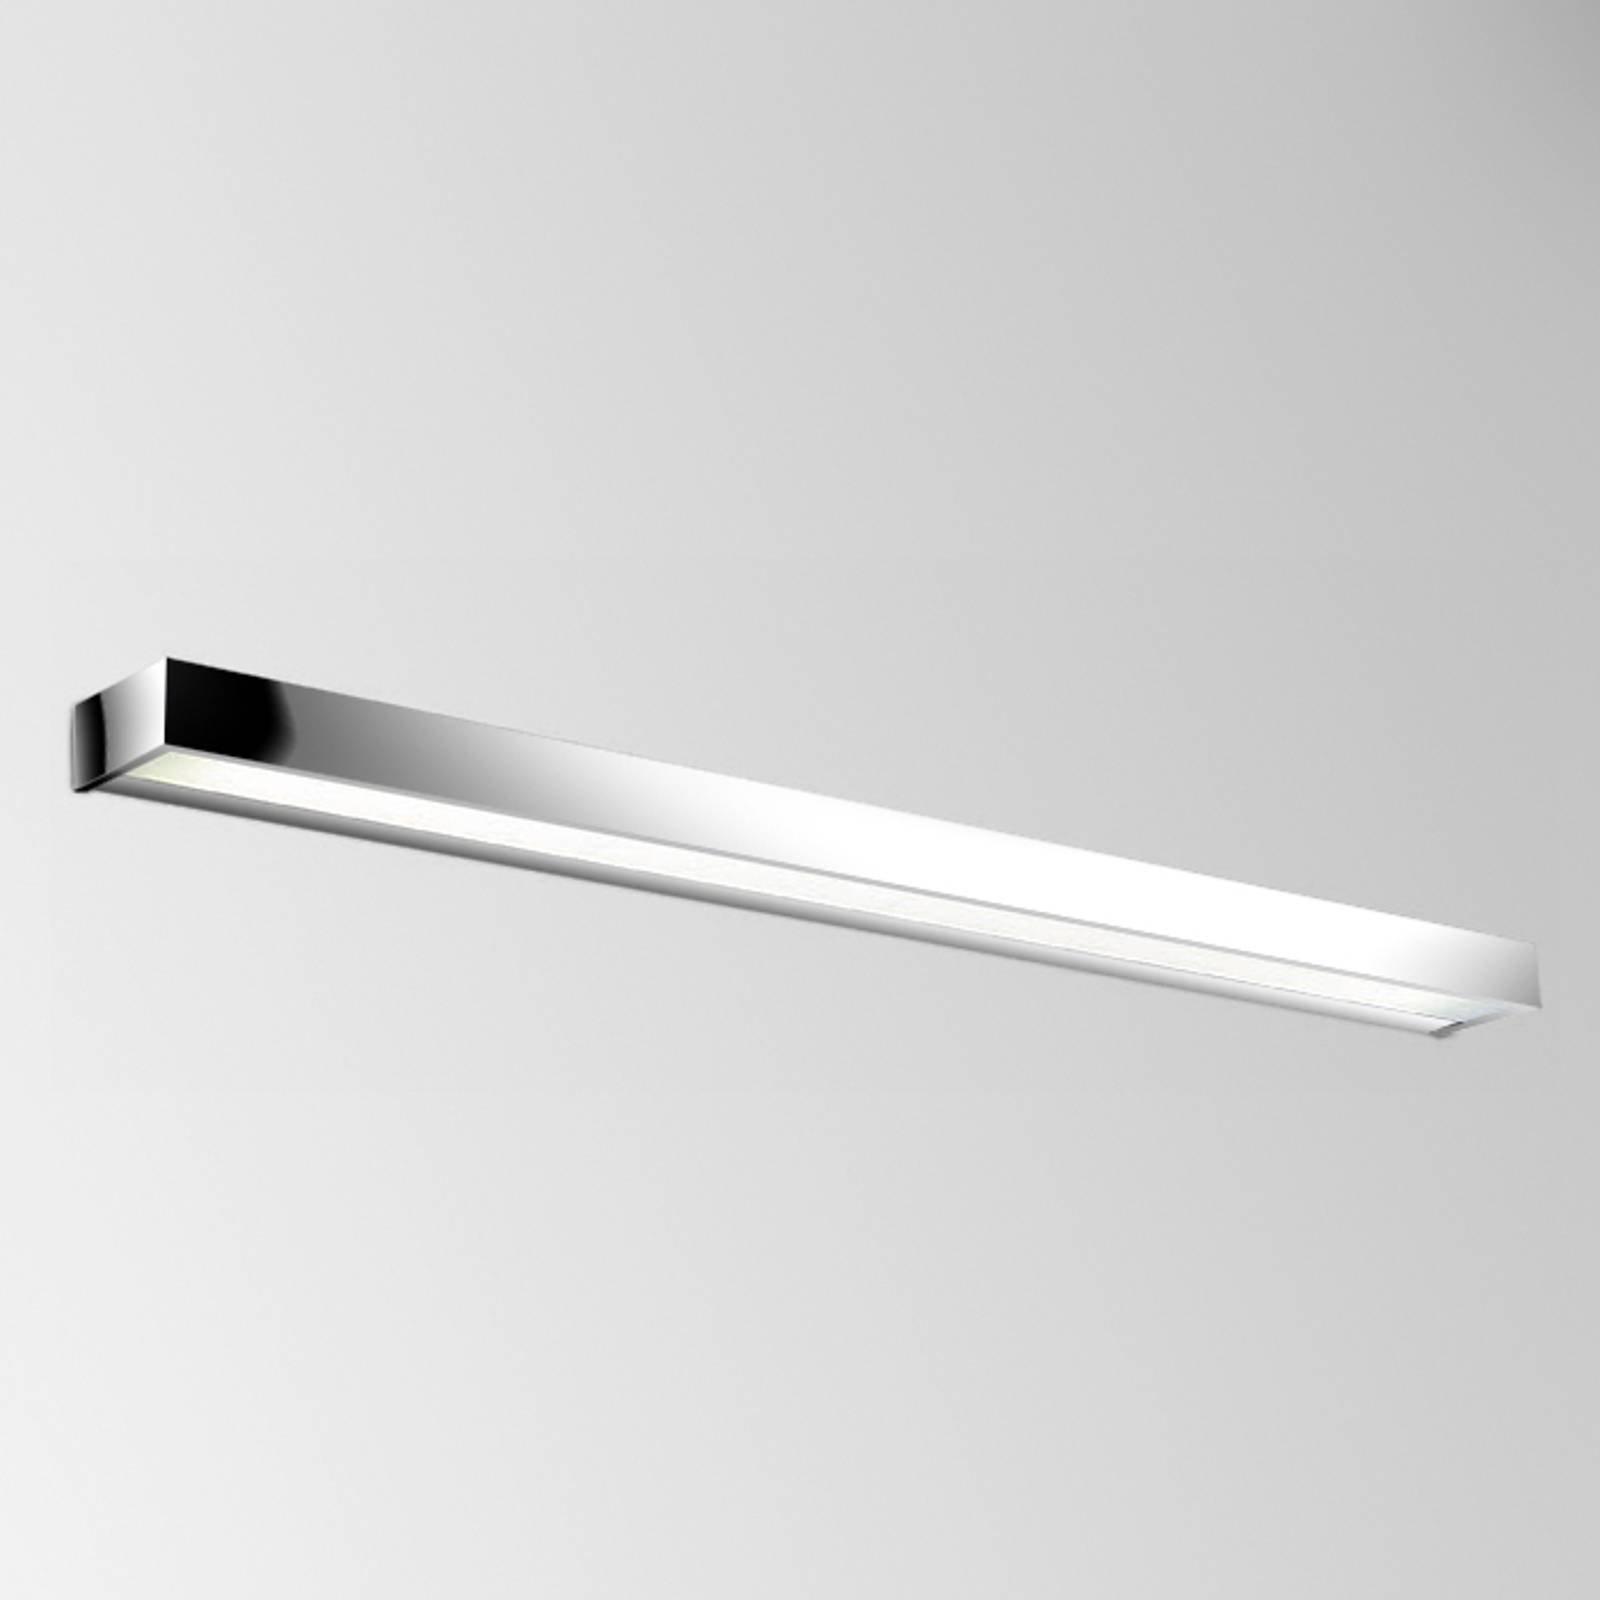 Utmerket LED-vegglampe Apolo, 120 cm krom